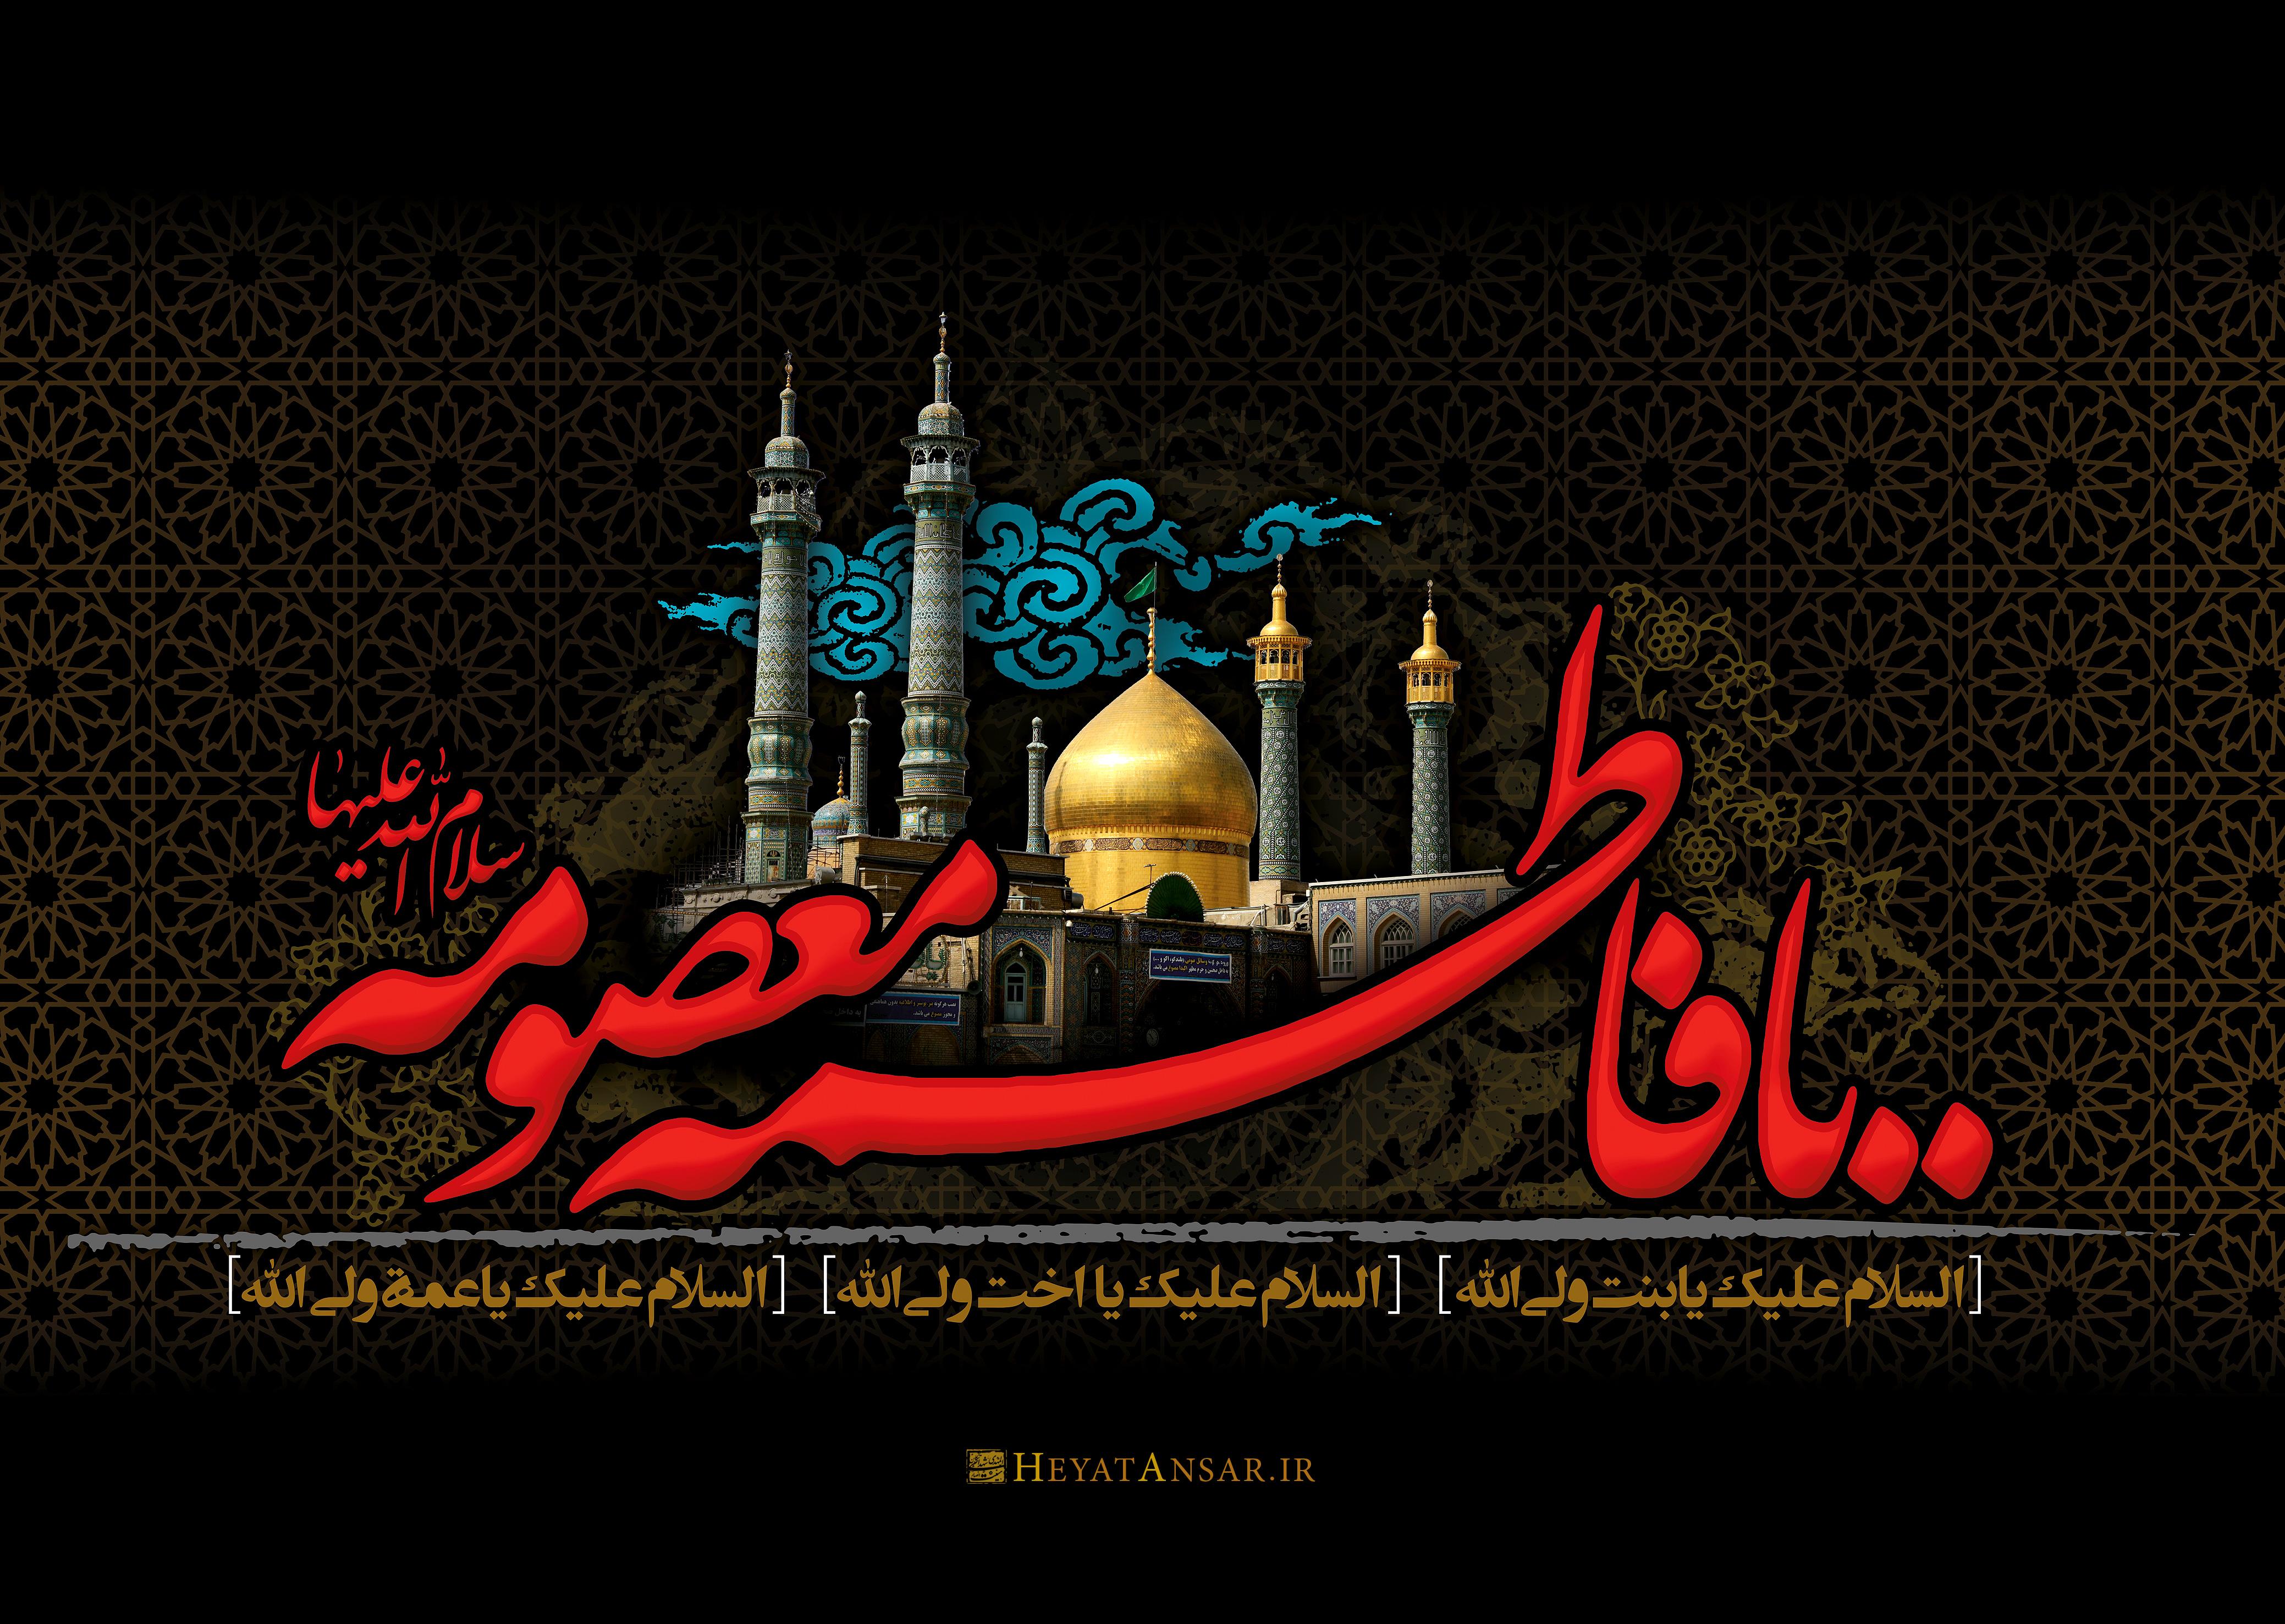 پوستر با کیفیت وفات حضرت معصومه (س) 1391 - هیئت انصار المهدی شهدای تنکابن